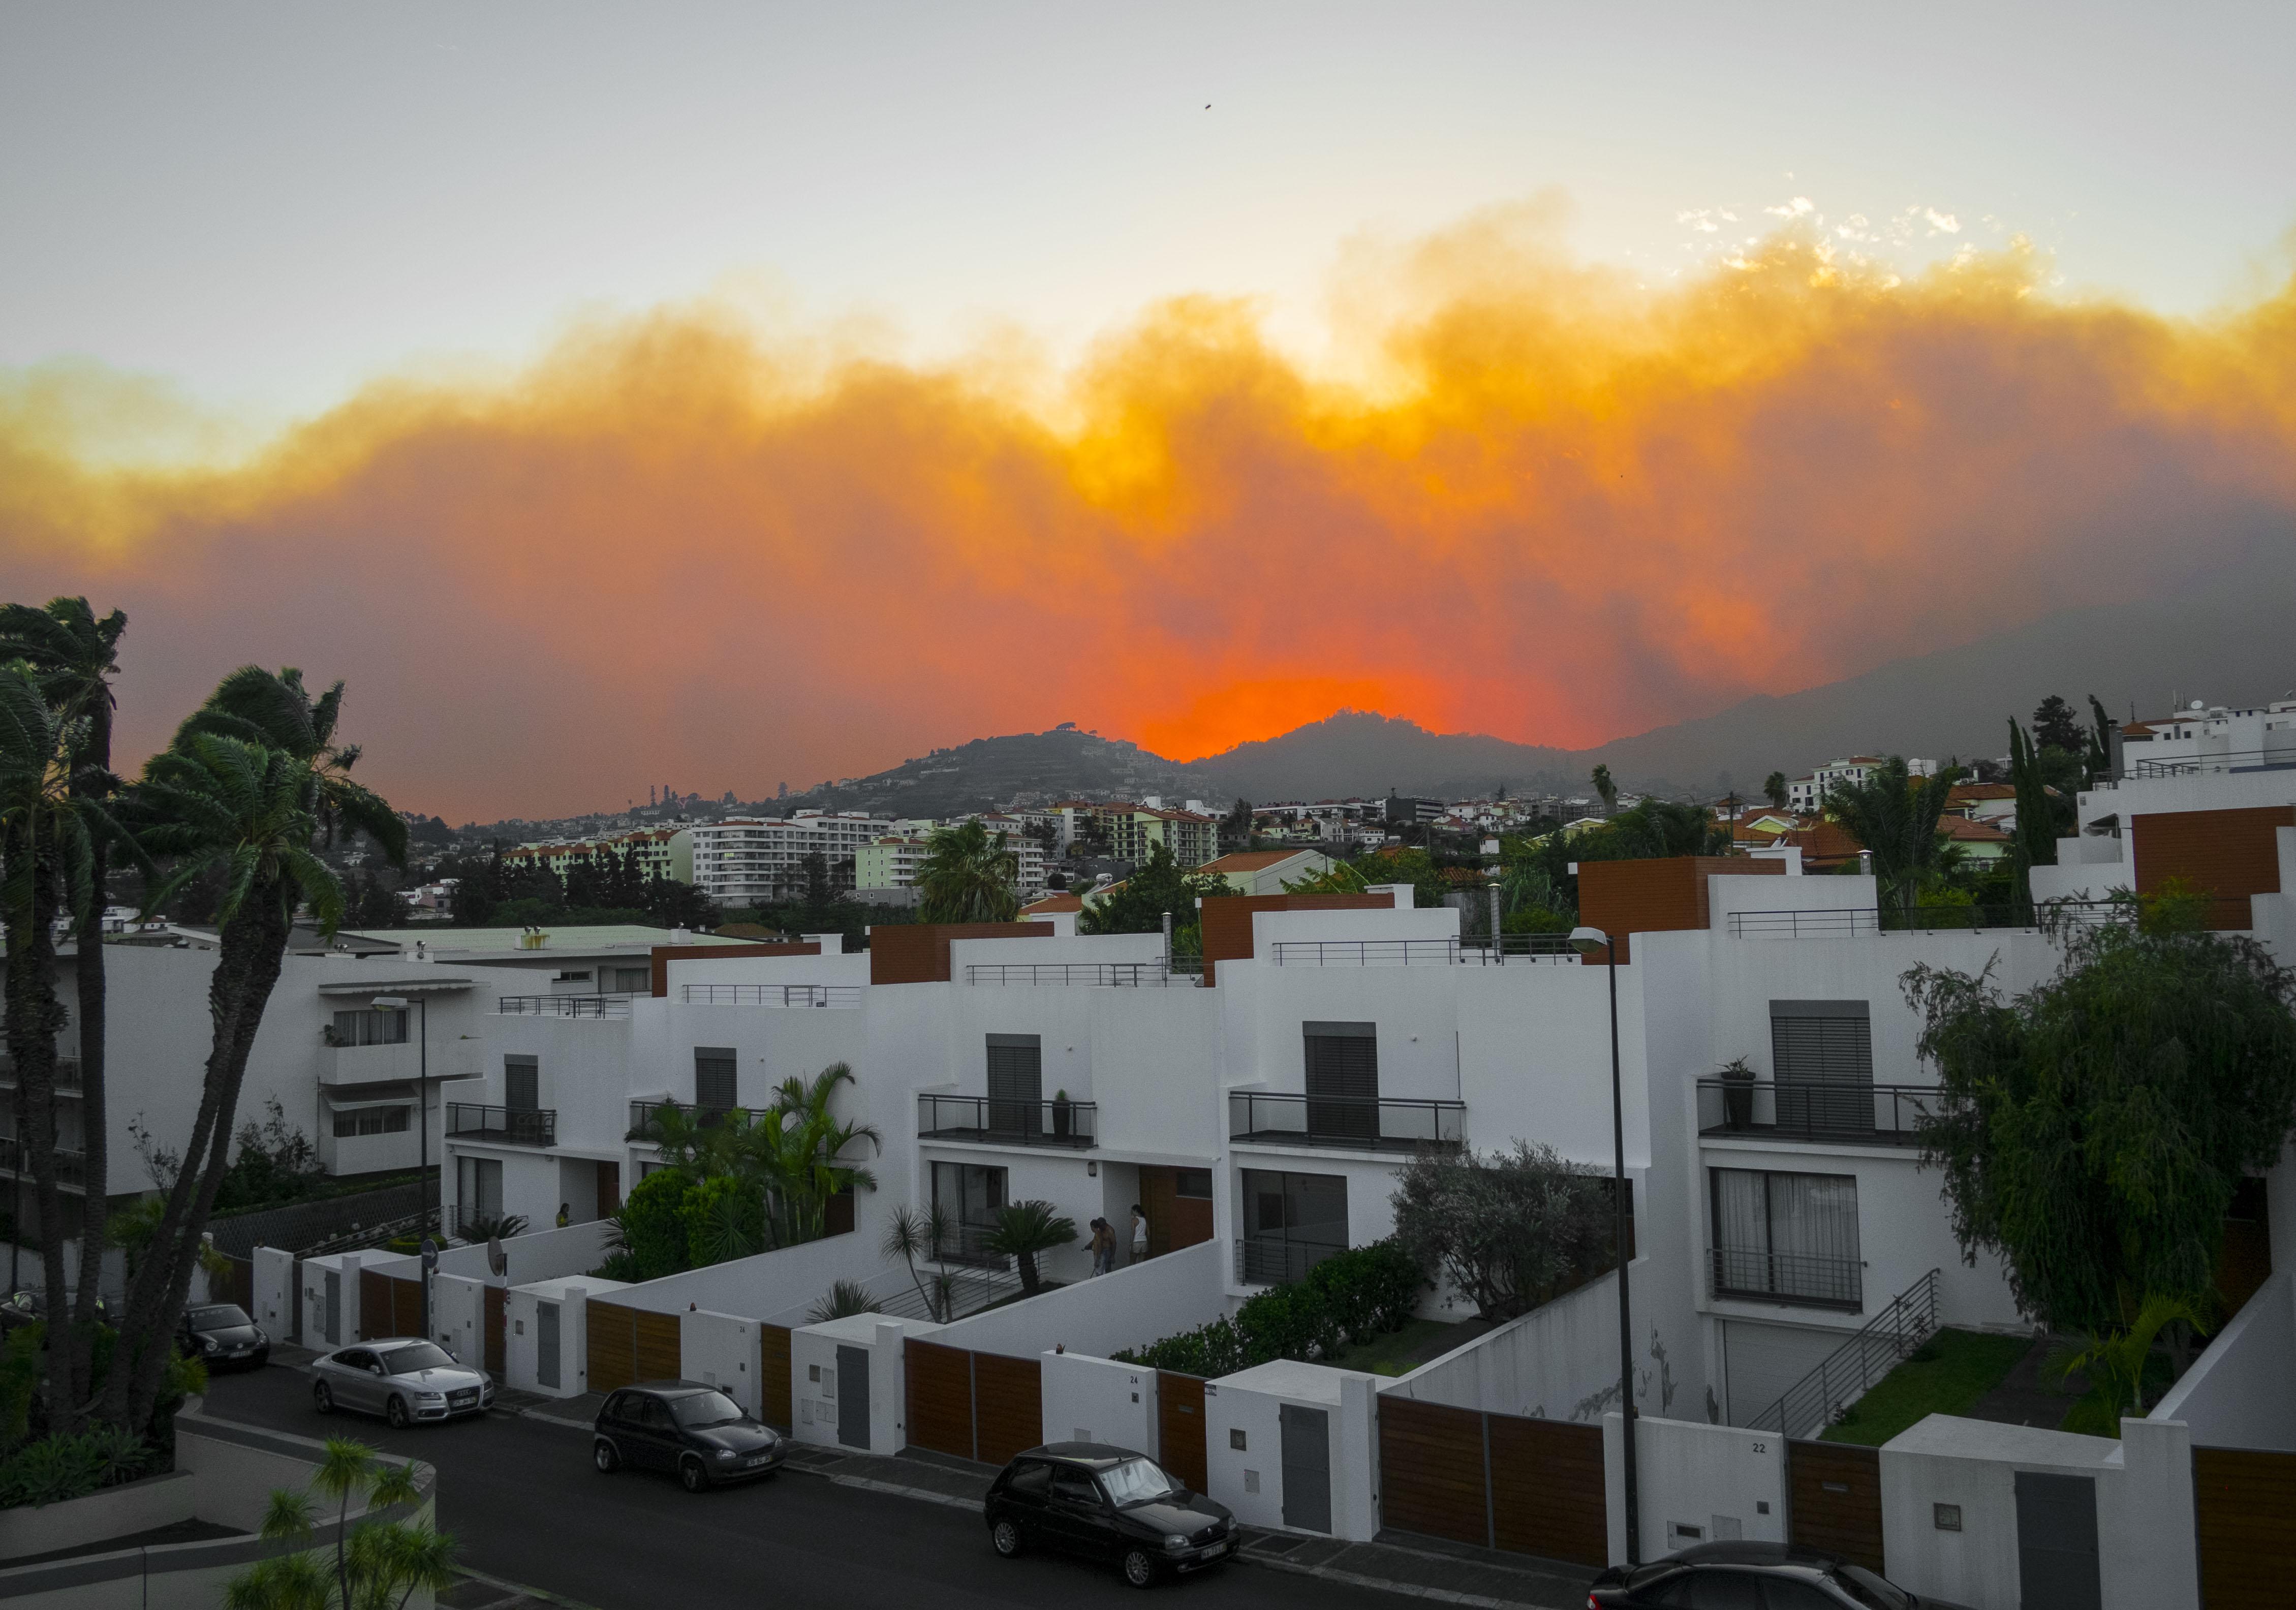 Madeira fires